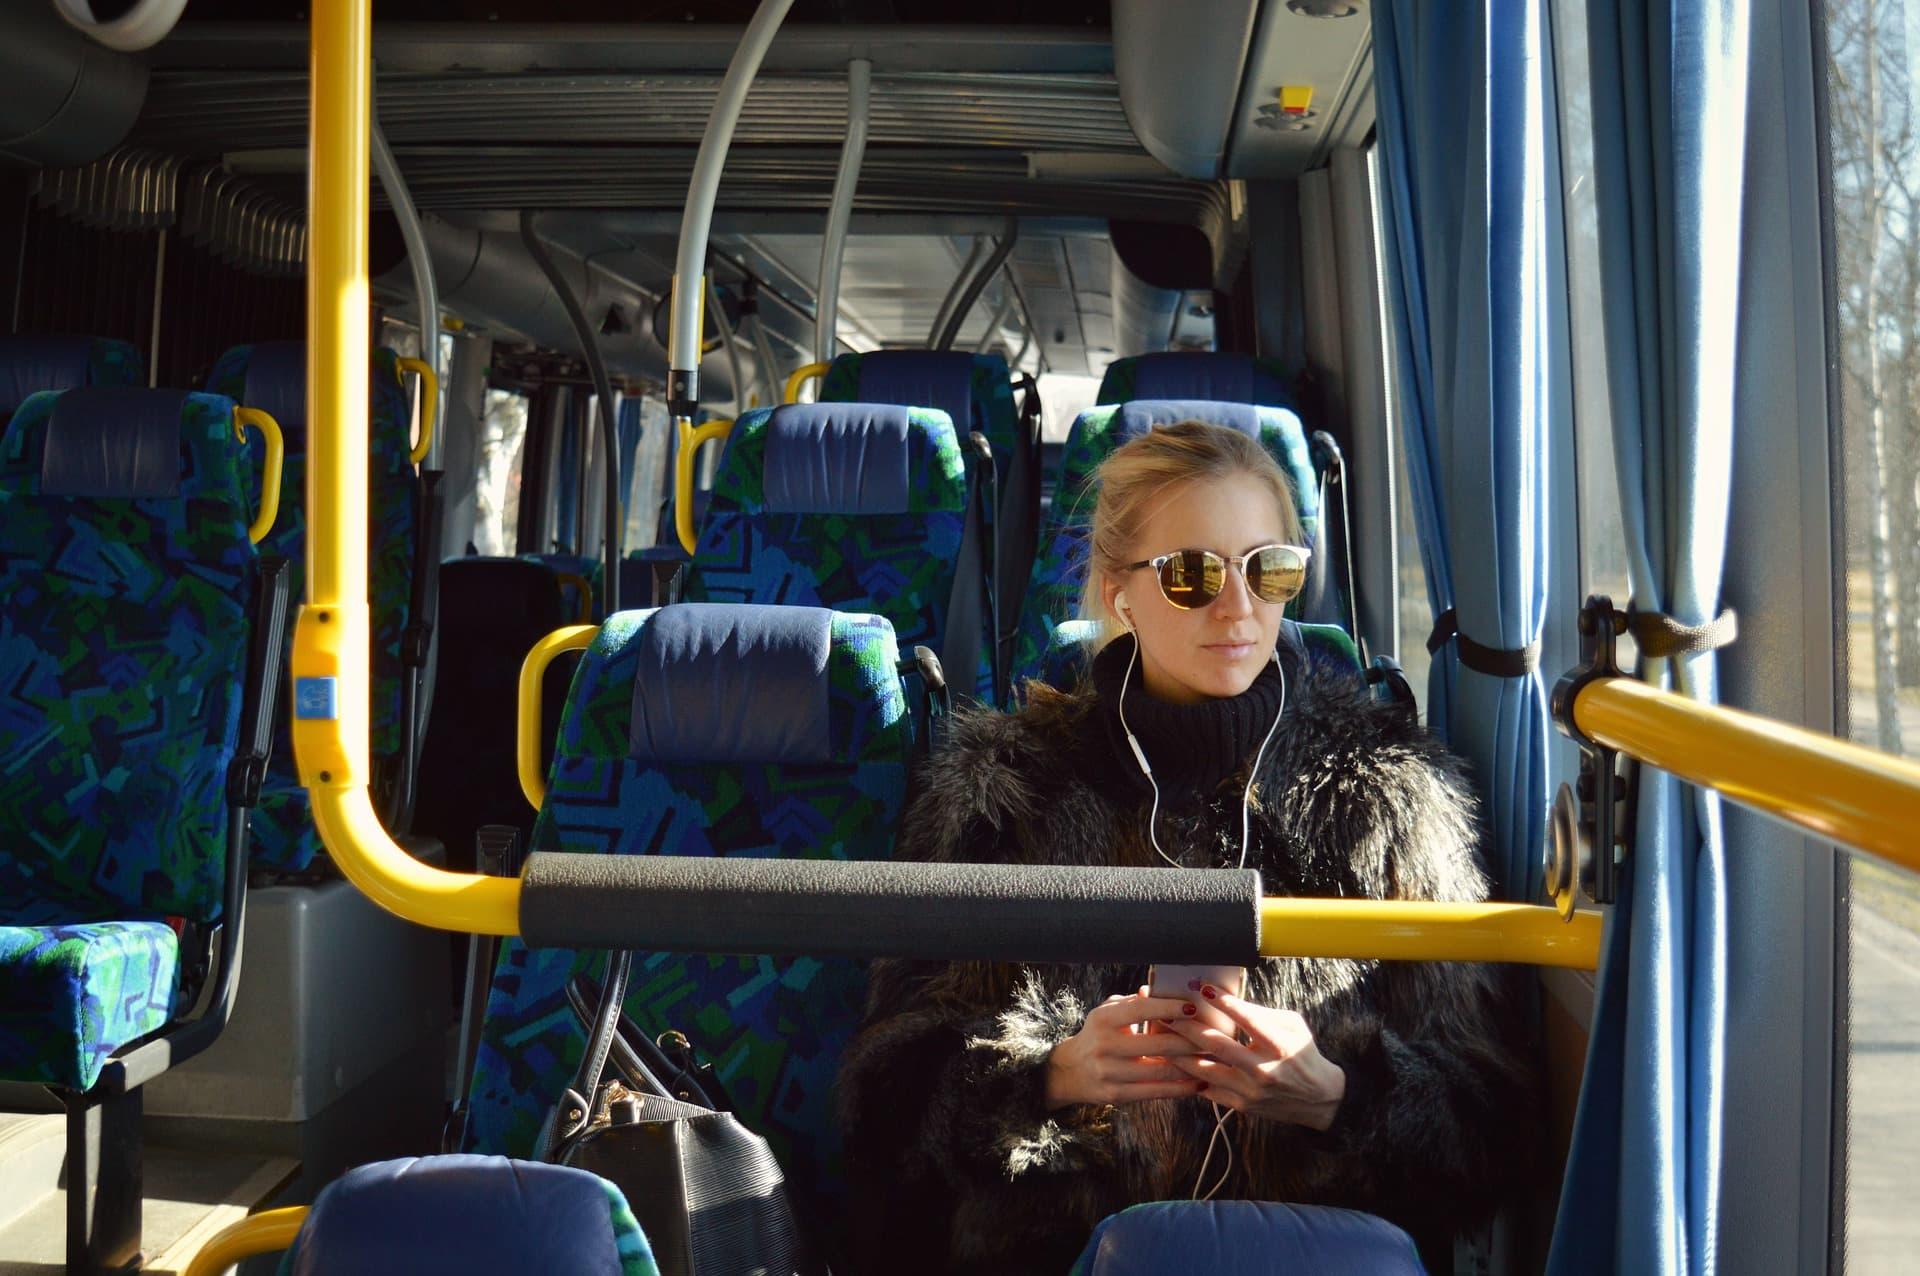 Weitere Normalisierung des Busbetriebes Ab Montag, dem 11. Mai 2020, fahren weitere innerstädtische Buslinien nach regulärem Fahrplan